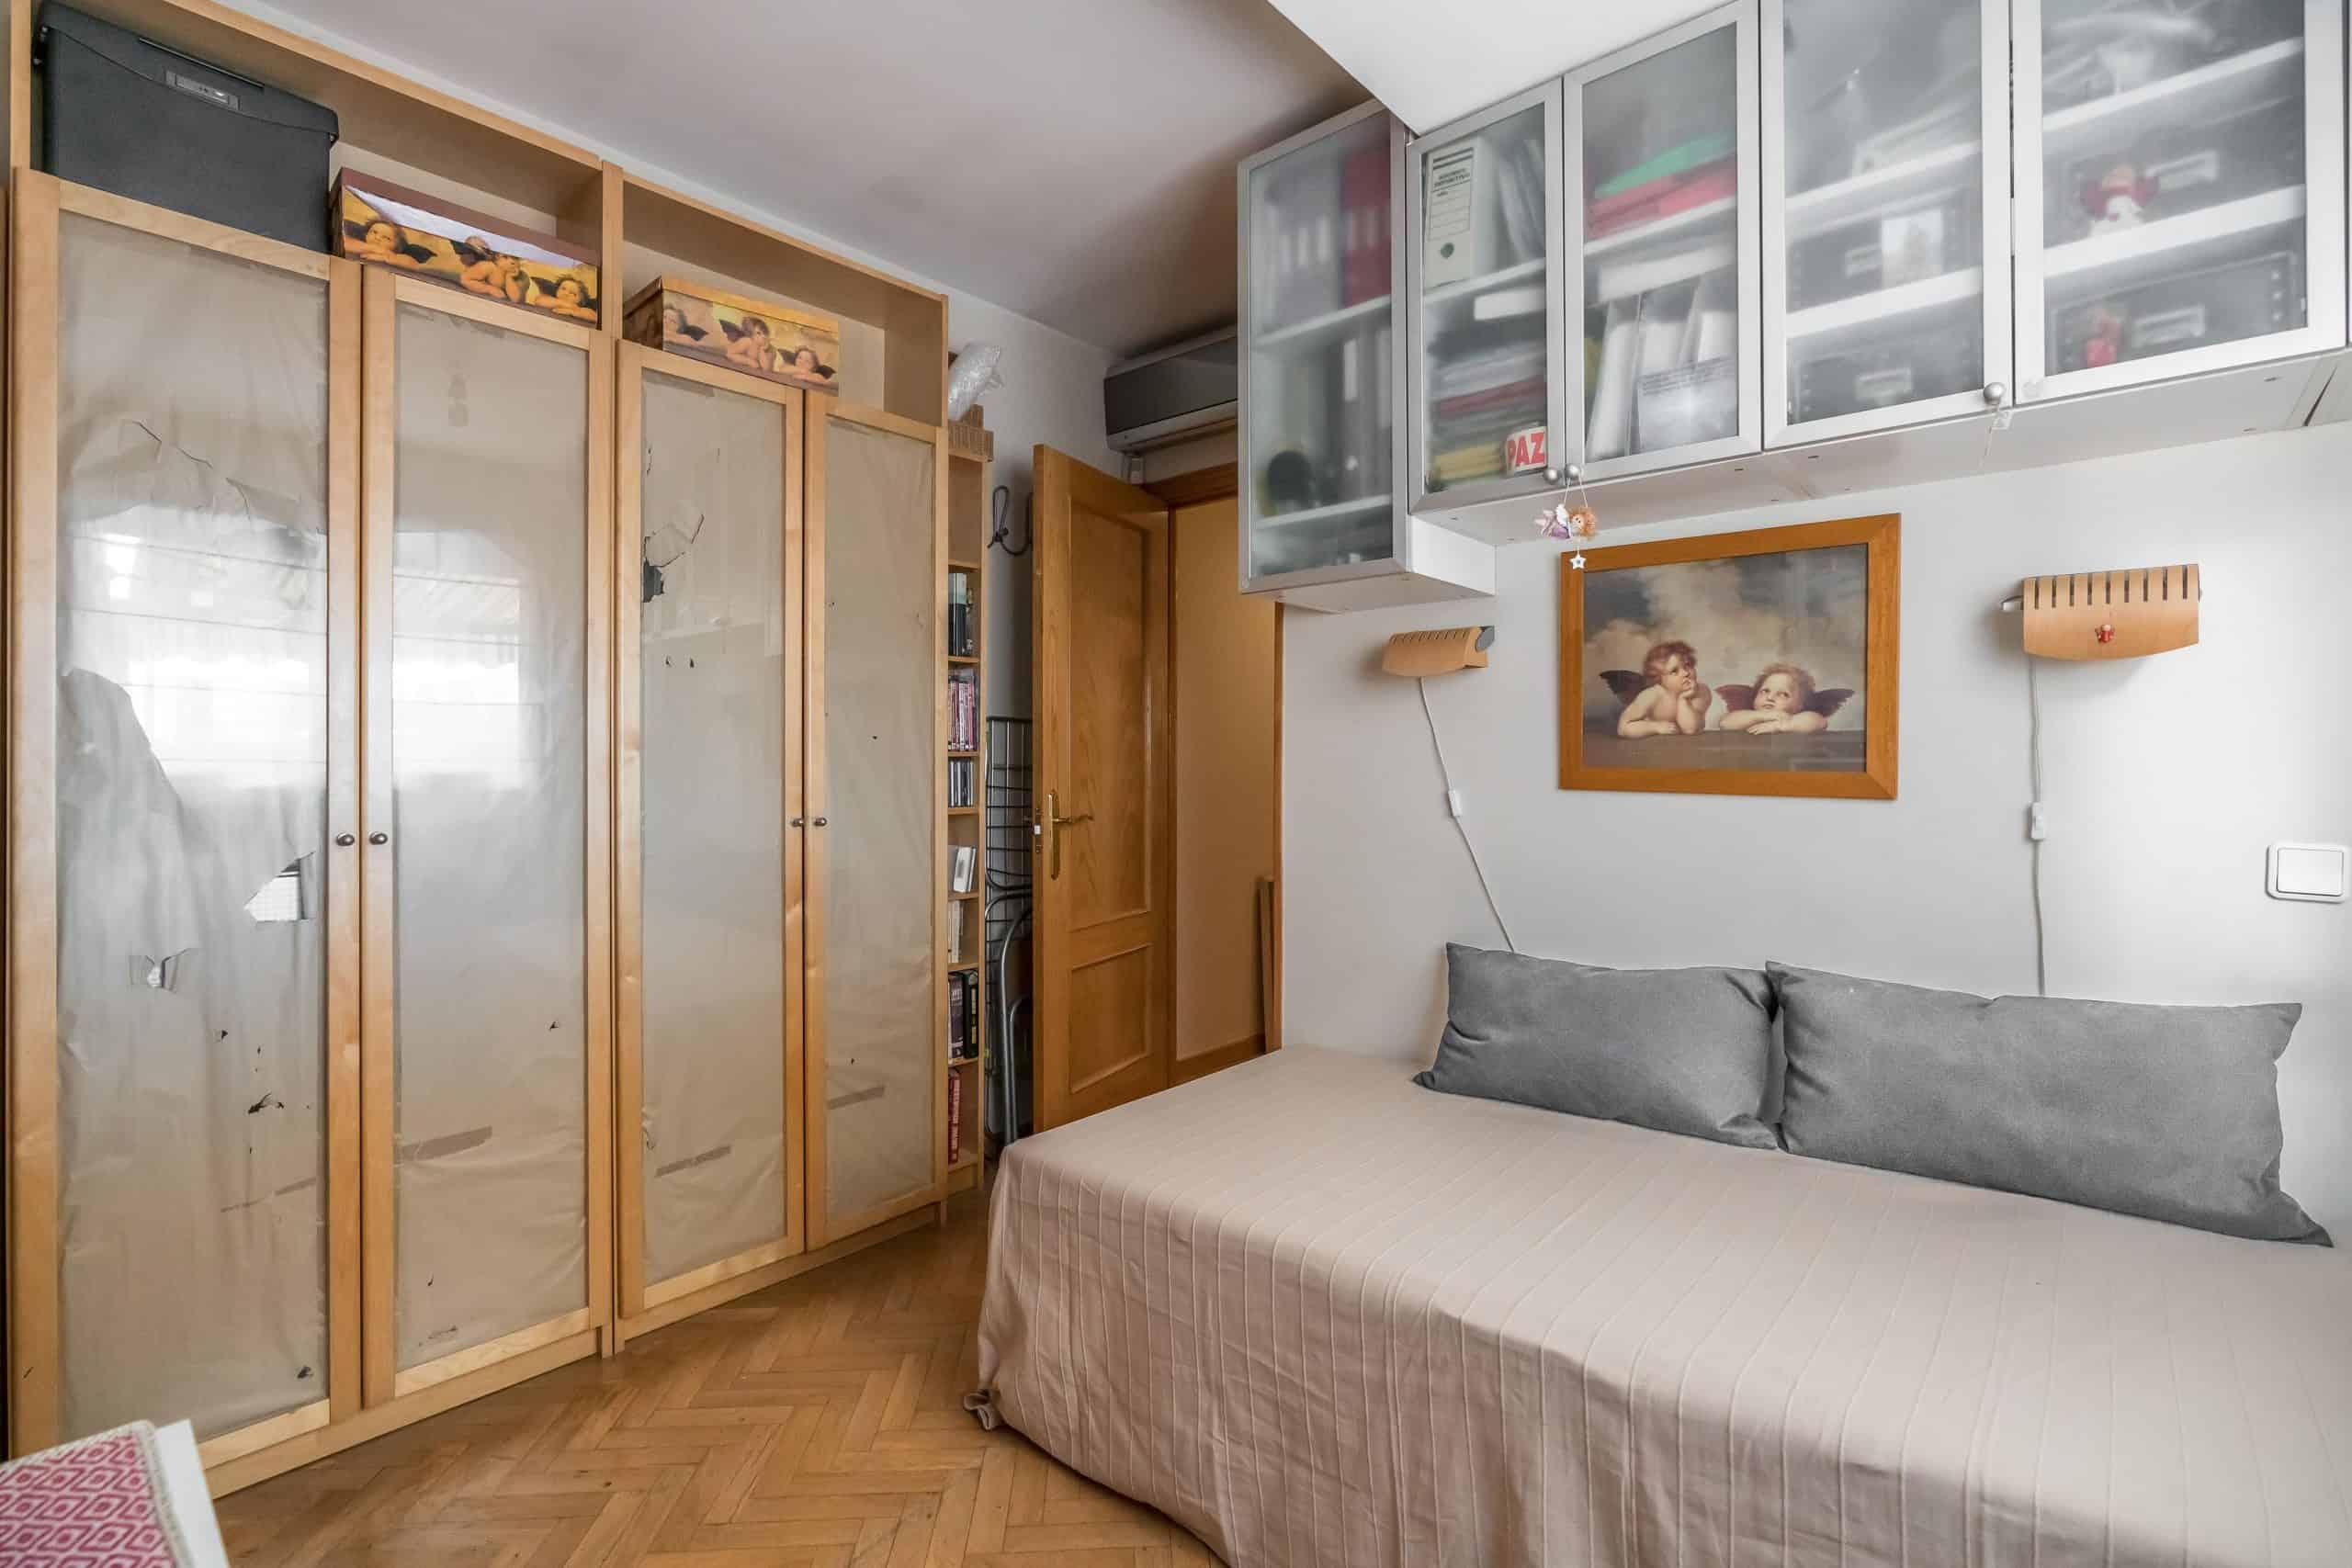 Agencia Inmobiliaria de Madrid-FUTUROCASA-Zona ARGANZUELA-EMBAJADORES-LEGAZPI2 DORMITORIO 4 (1)